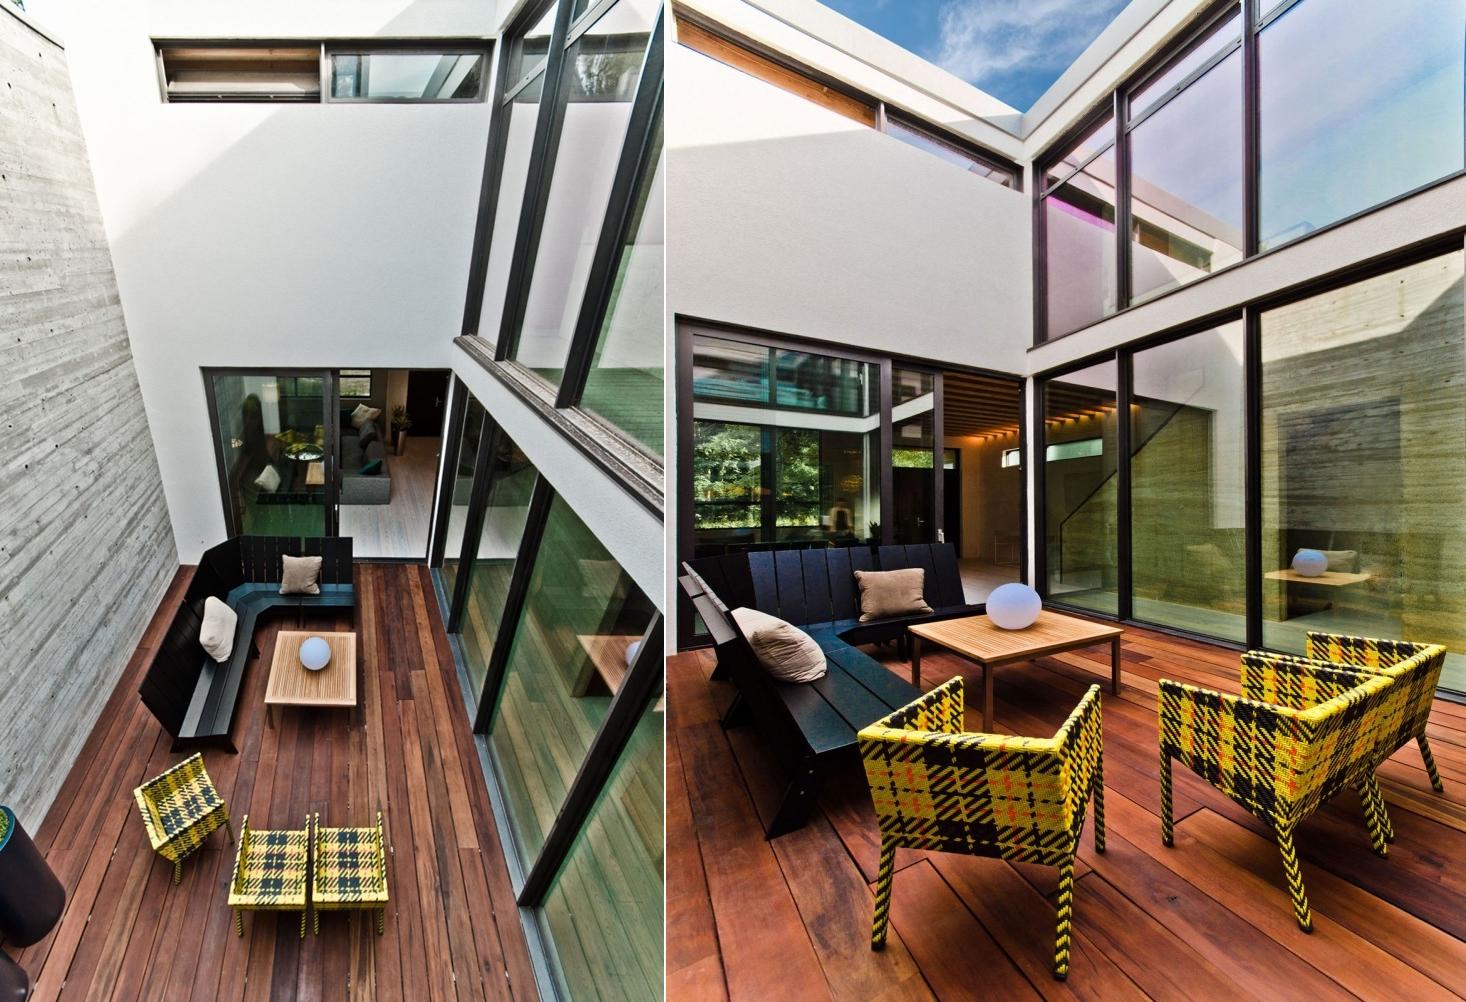 casa bellissimo blog arquitetura sustentável e ecológica projetos  #985A33 1466 1002